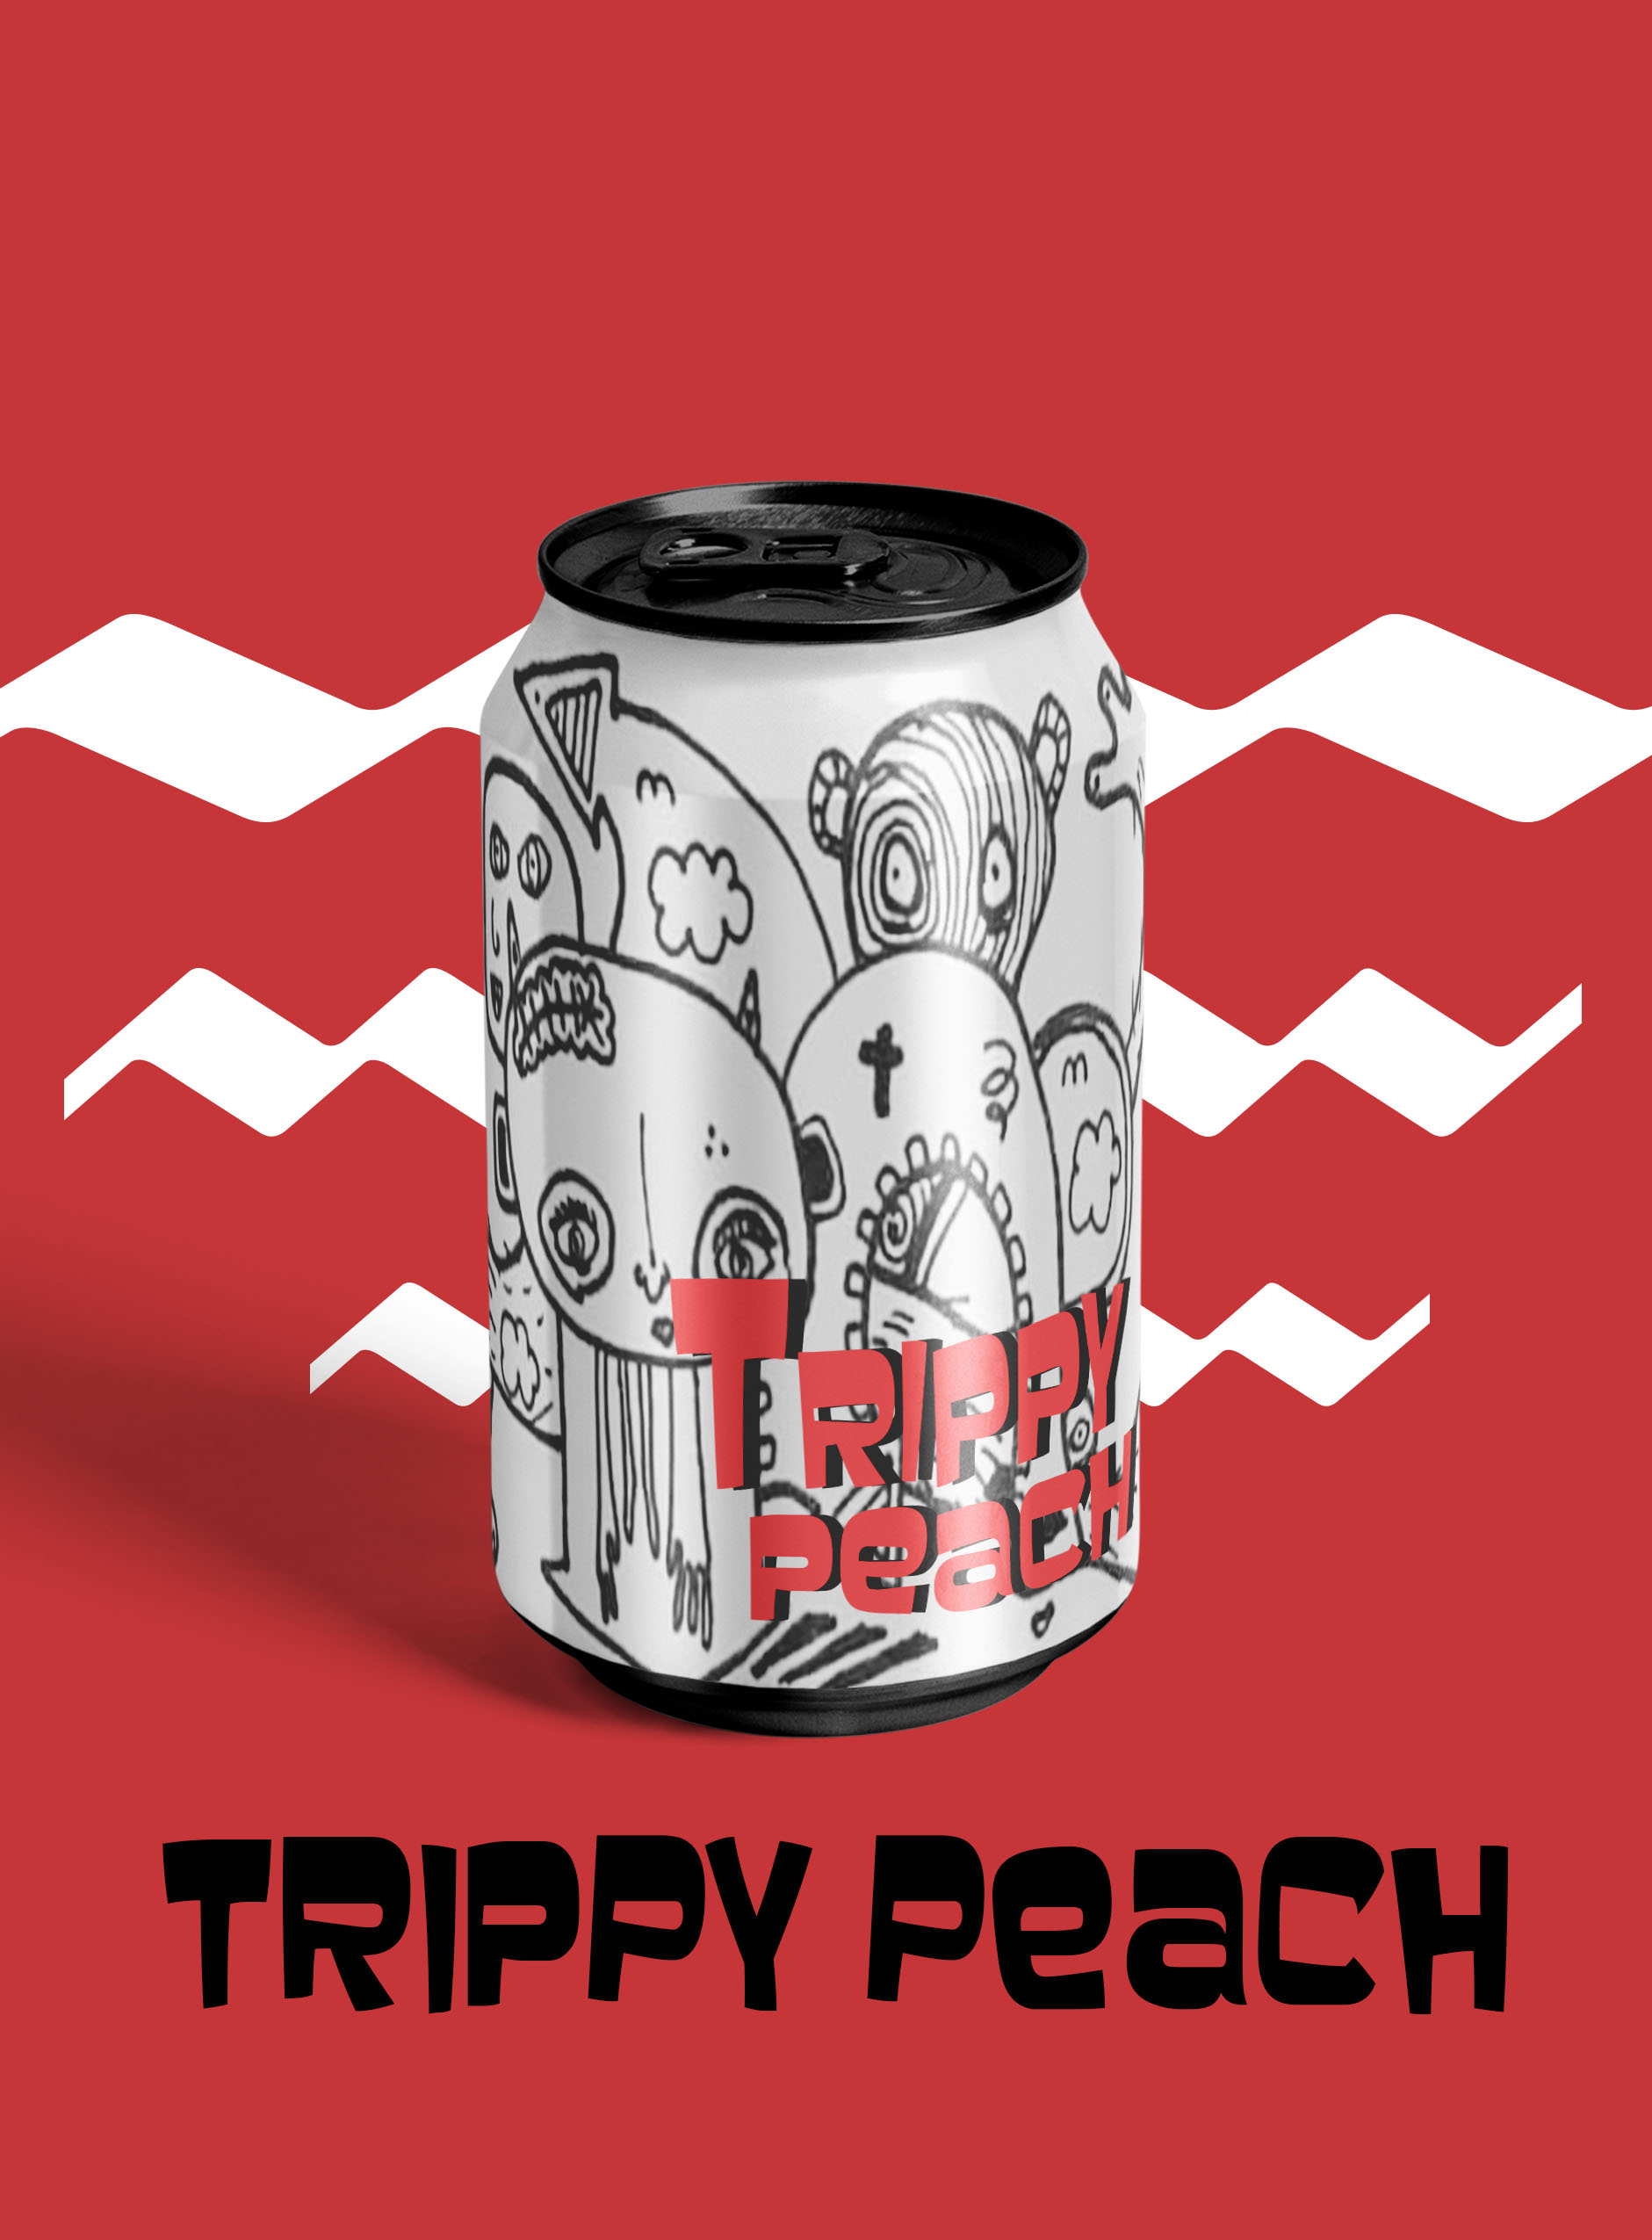 Trippy Peach